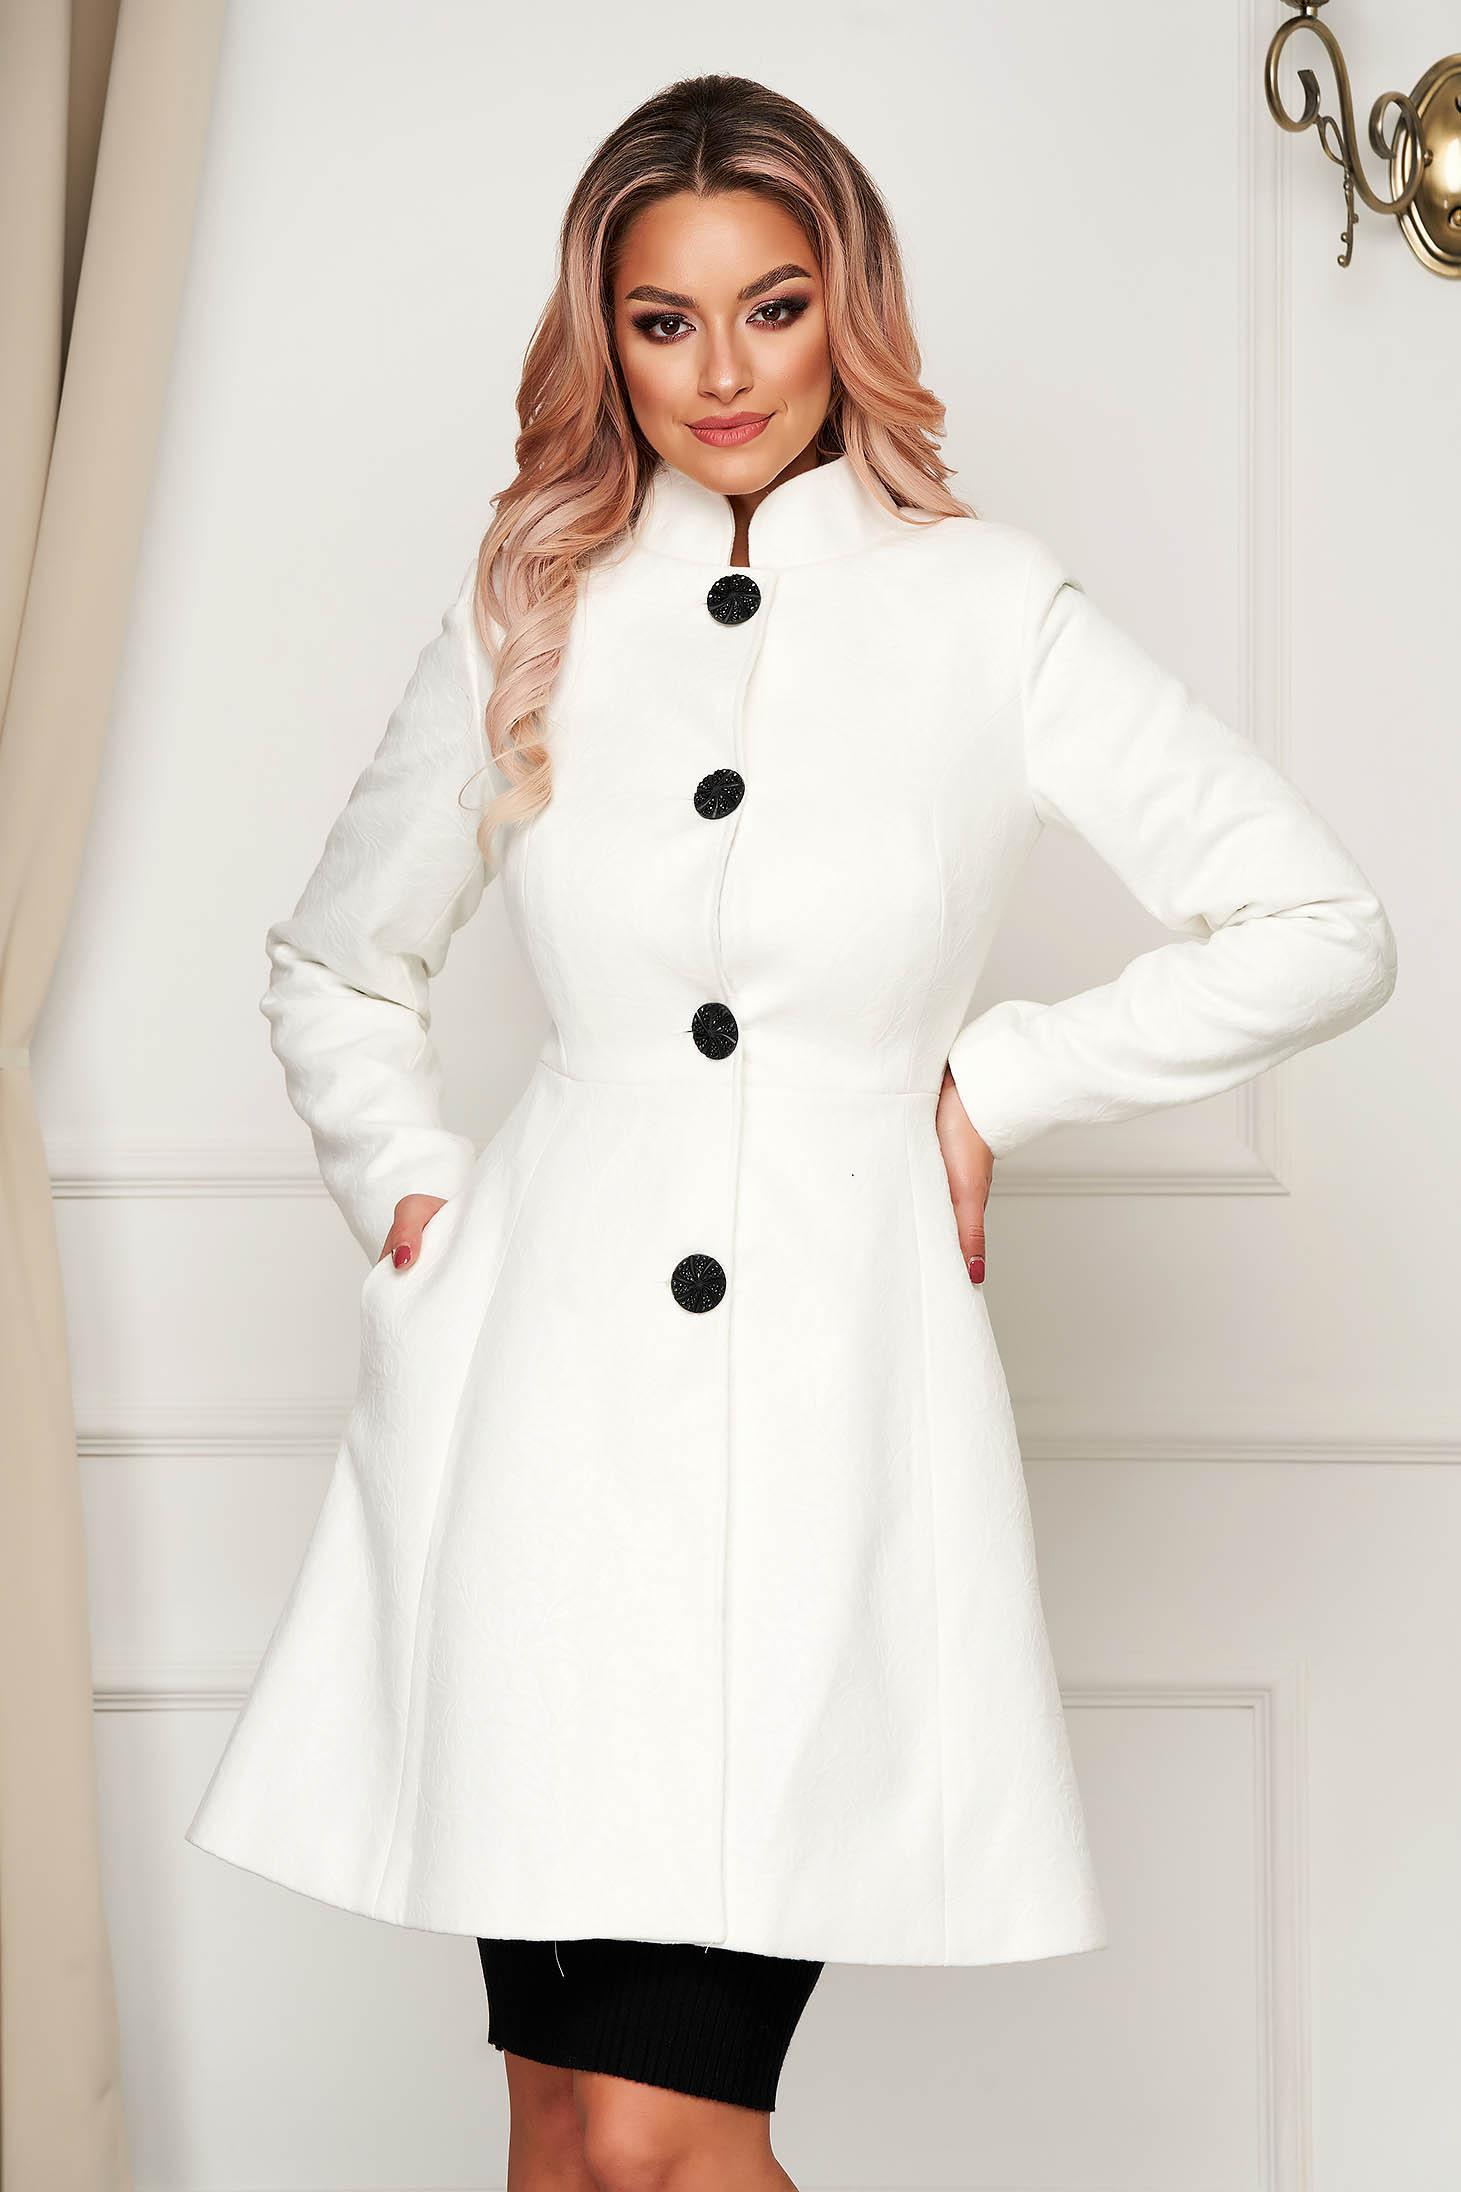 Fehér elegáns harang kabát rugalmatlan szövetből béléssel rövid szivacsos vállrésszel